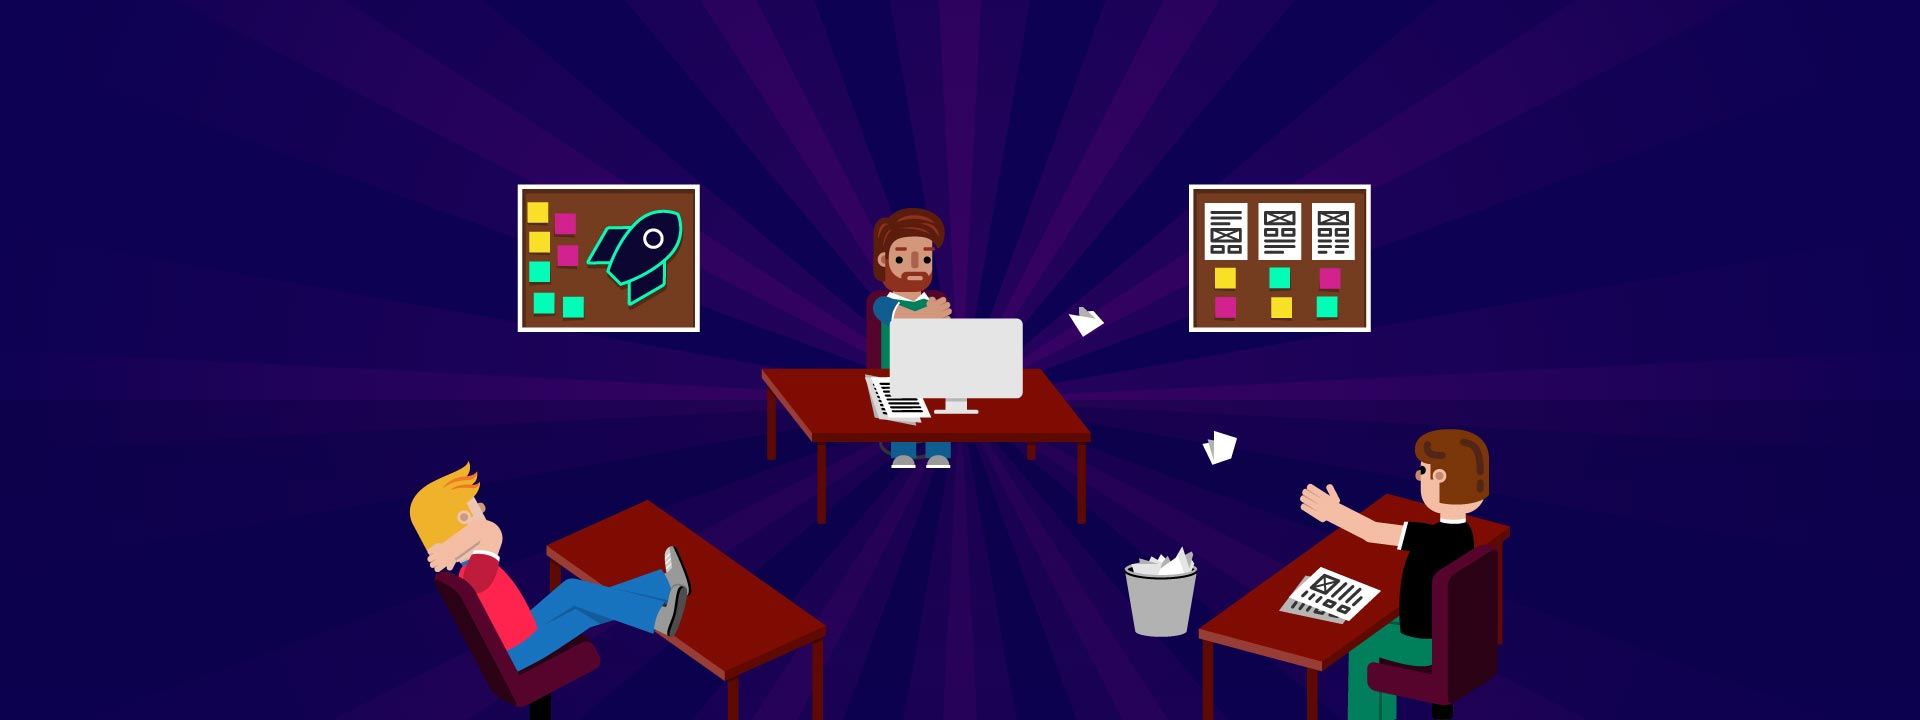 Illustration of a team at Digital Agency